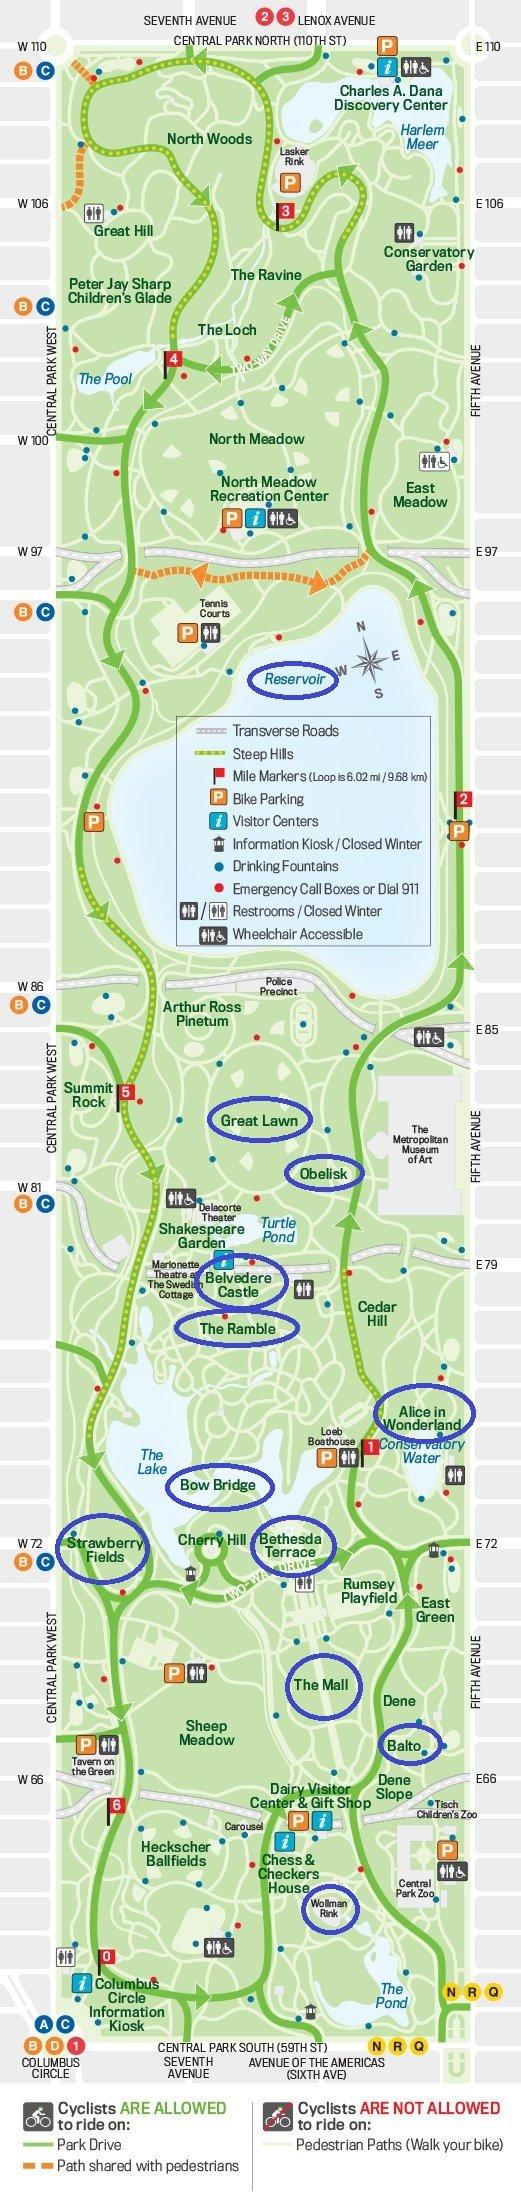 Mappa di Central Park, New York